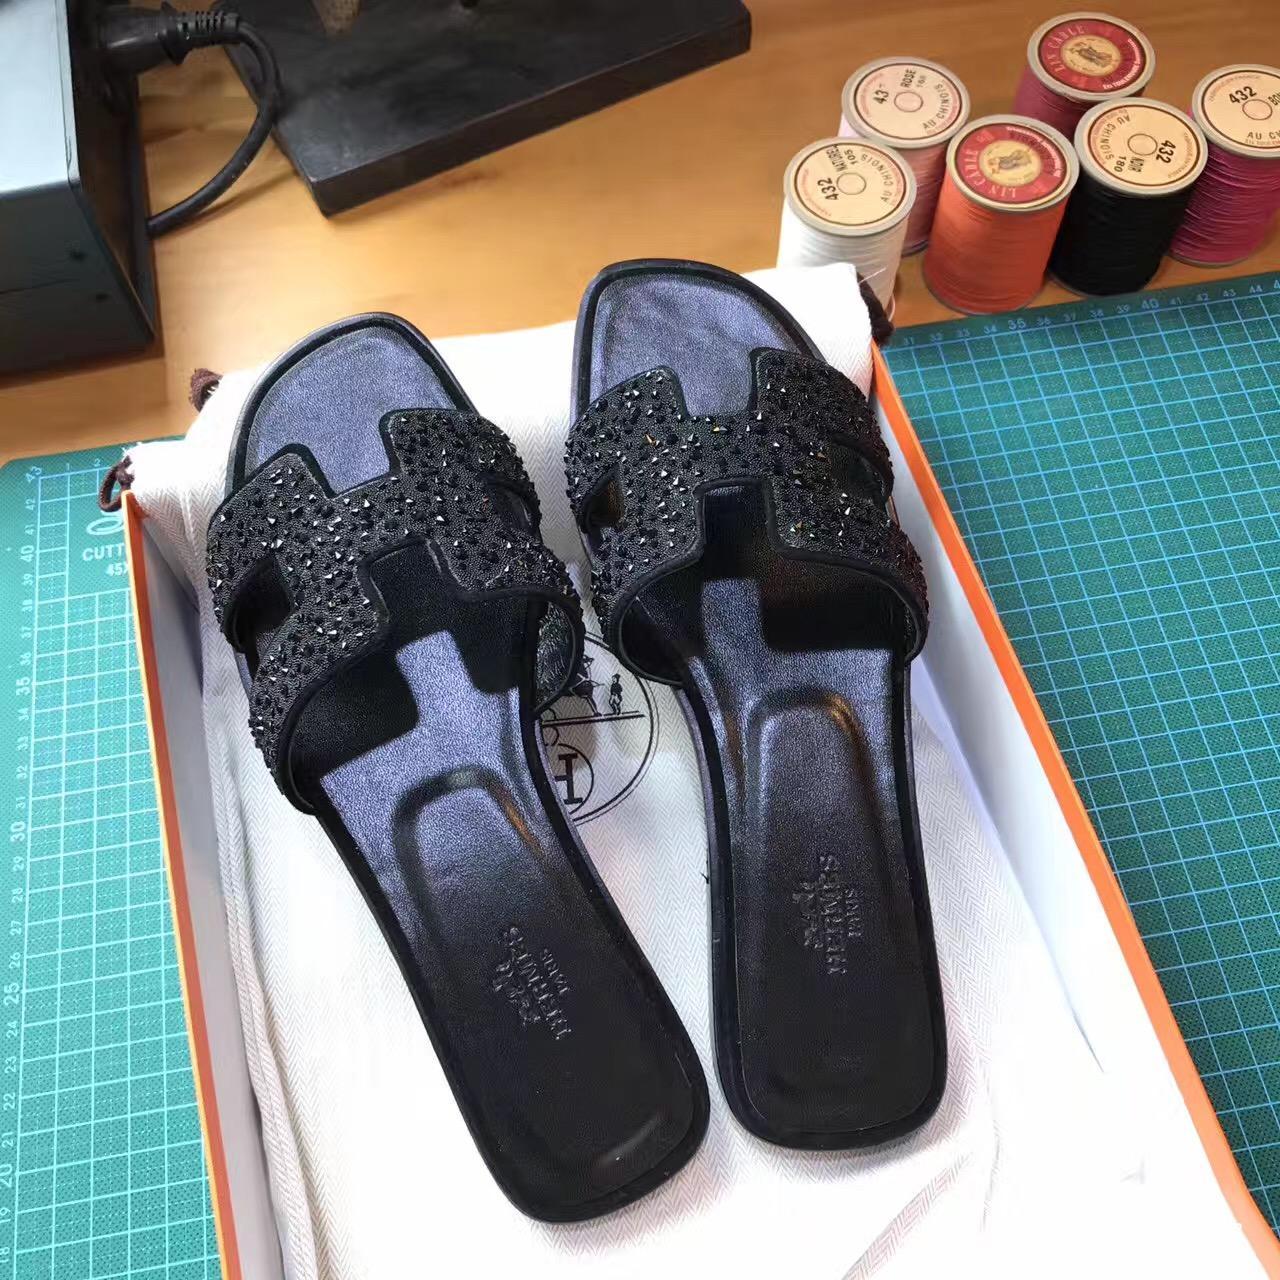 愛馬仕Hermes 經典款女士涼鞋 H型拖鞋黑鉆亮晶晶平底涼拖鞋